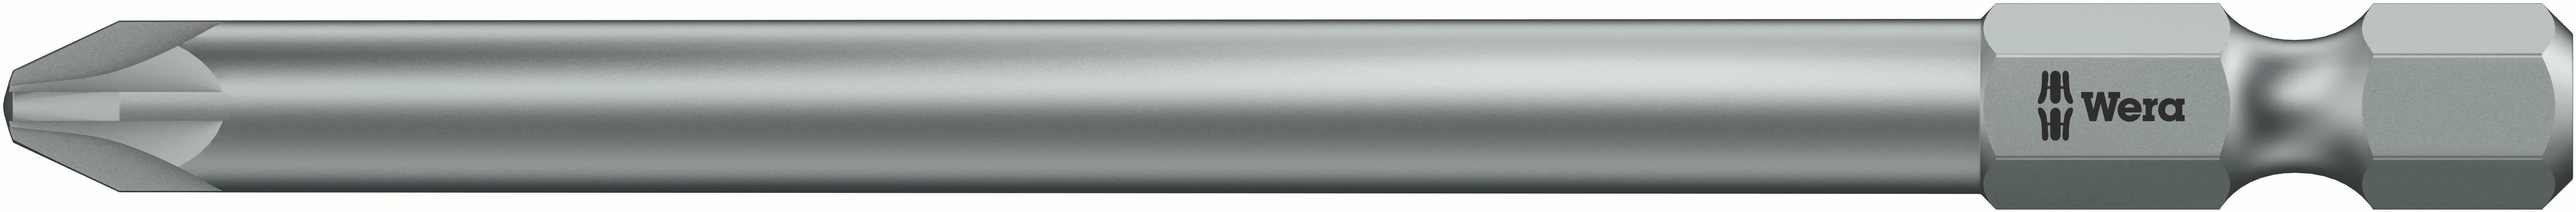 Predĺžený krížový bit Wera 855/4 Z PZ 3 x 89 mm 05060043001, nástrojová oceľ, 1 ks